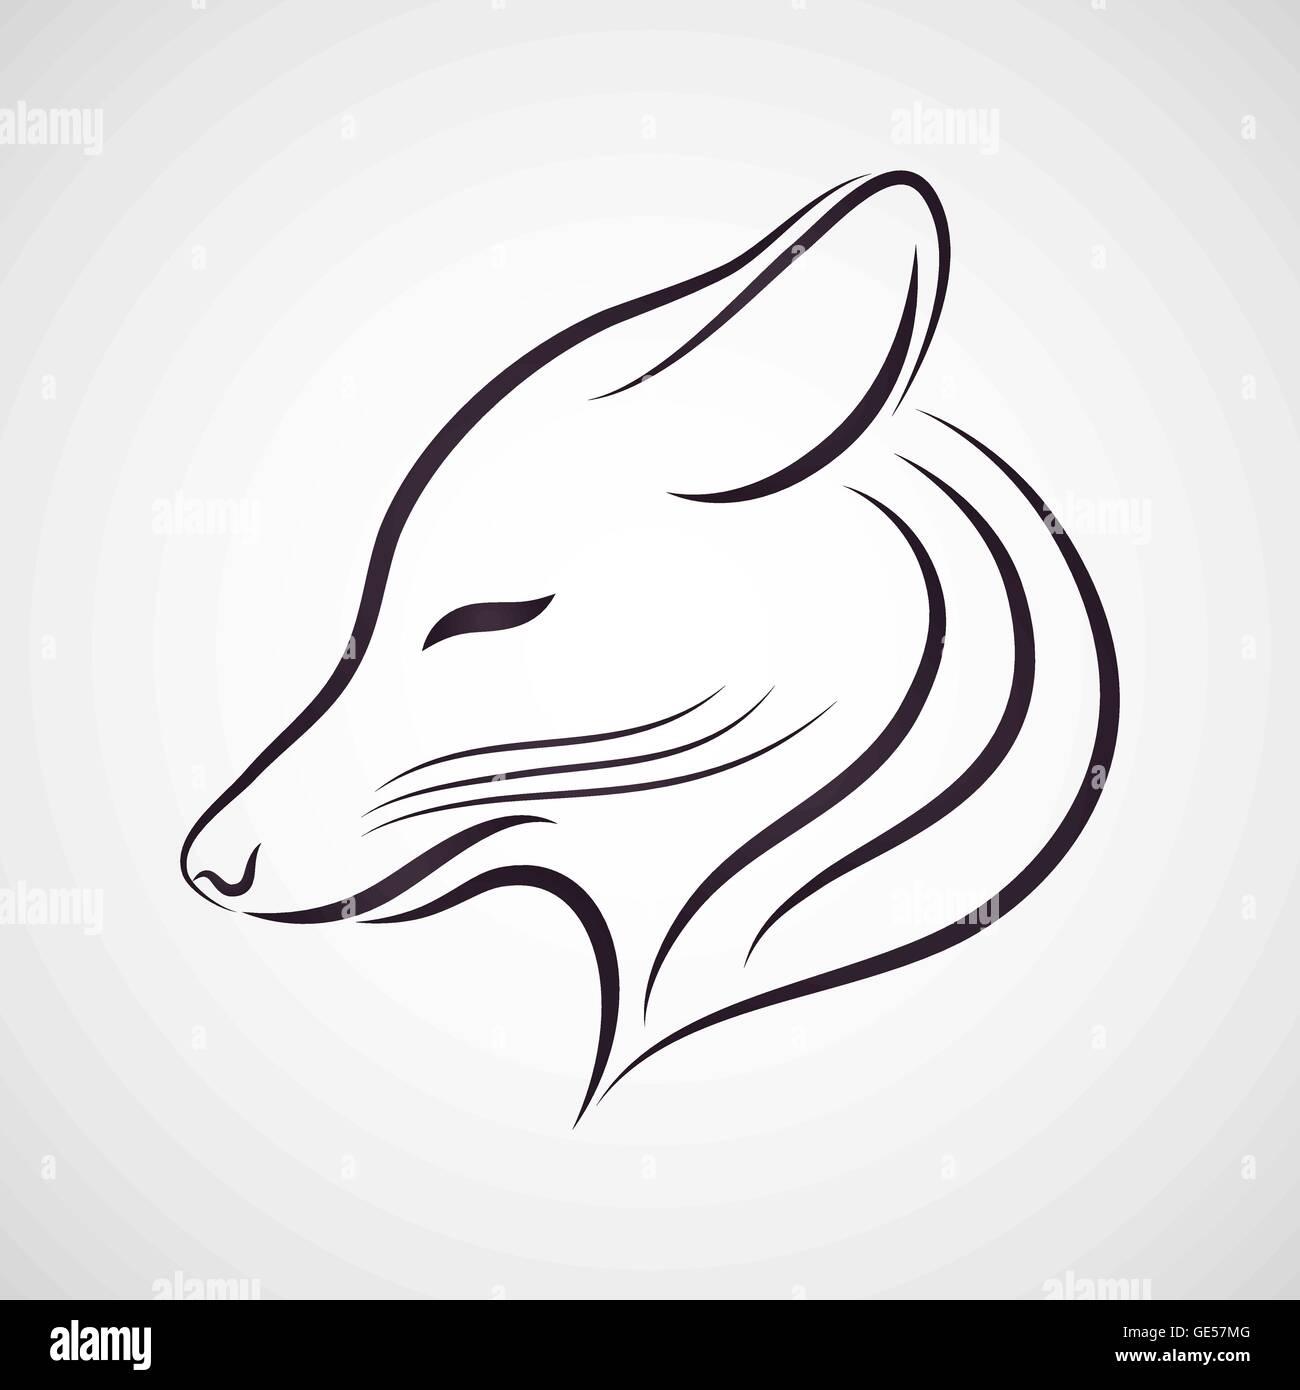 Ma è vero che wile e coyote non può raggiungere beep beep